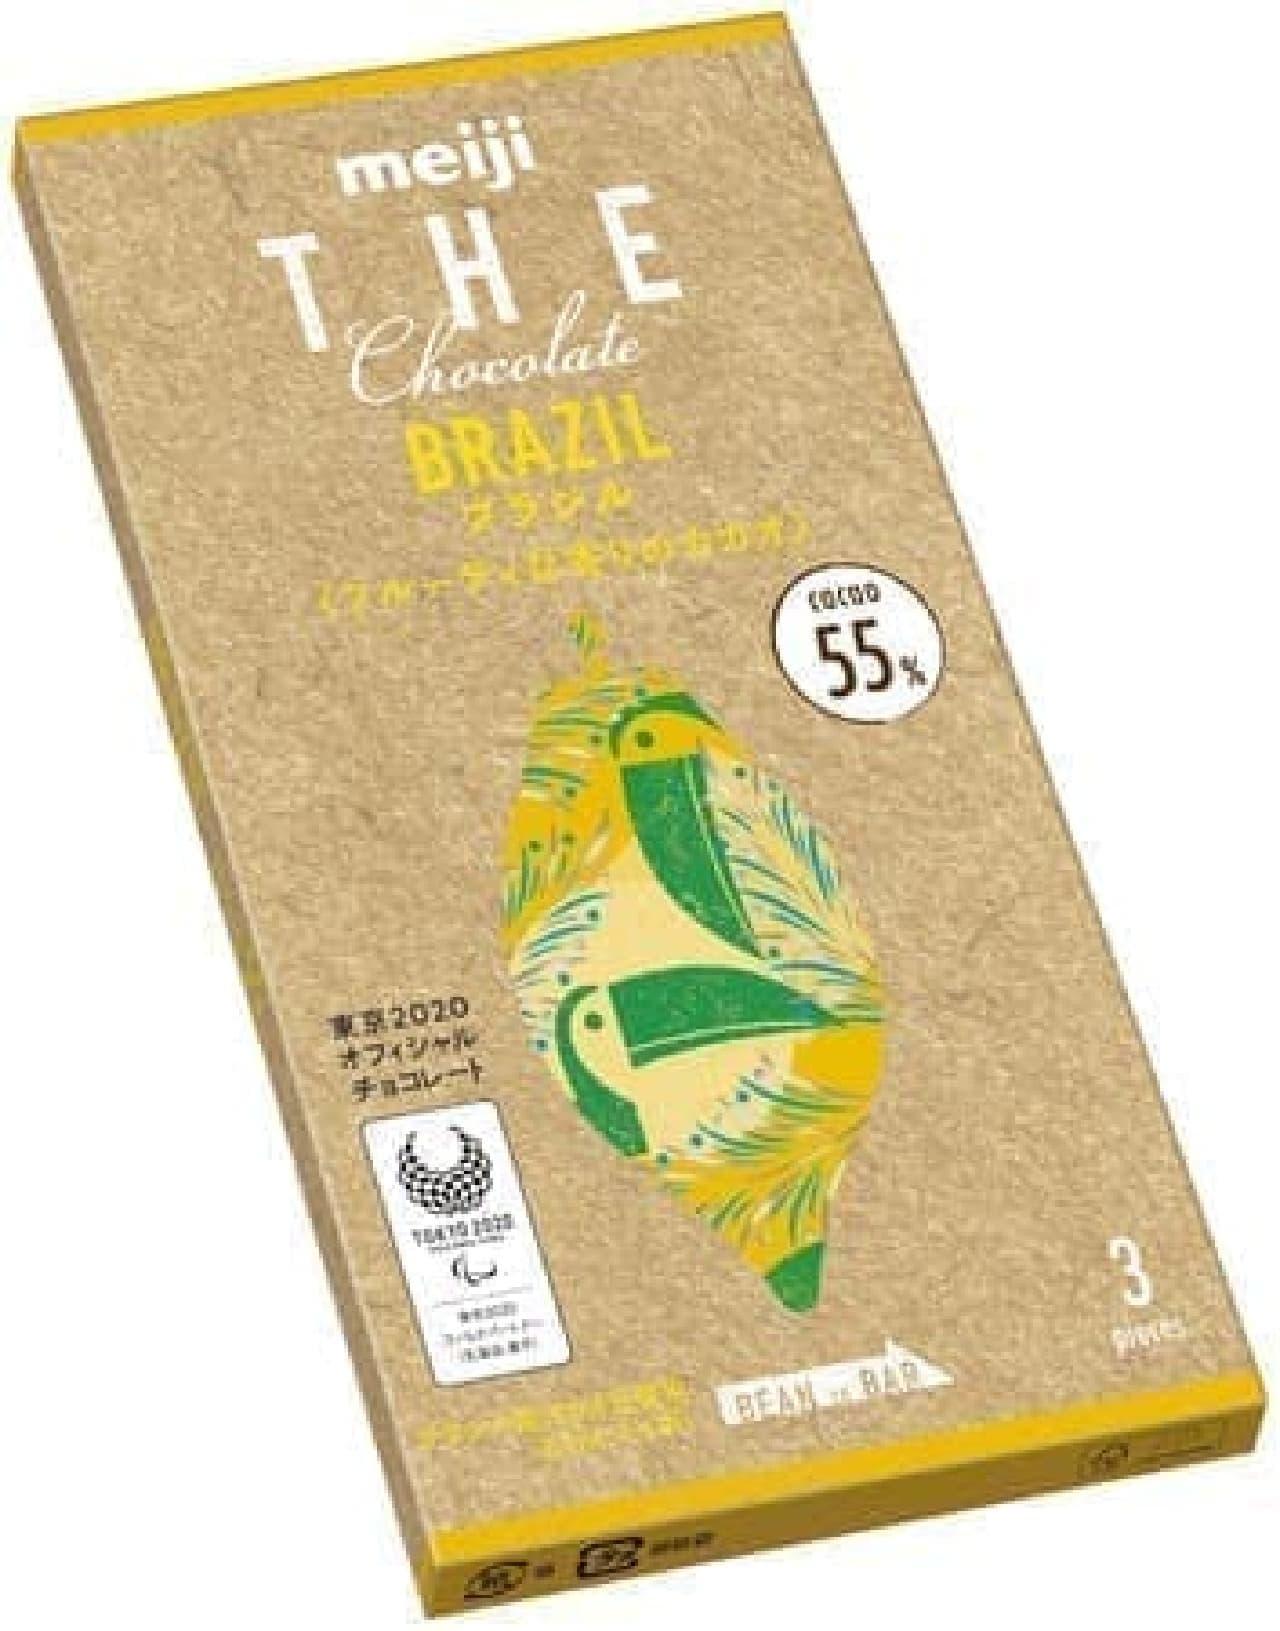 明治 ザ・チョコレートブラジルカカオ55